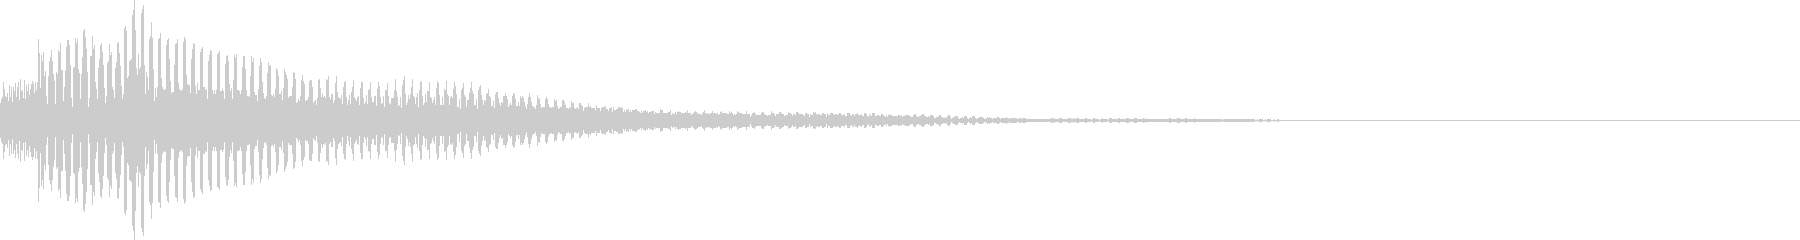 汎用性の高いボタン音 プルルン の未再生の波形